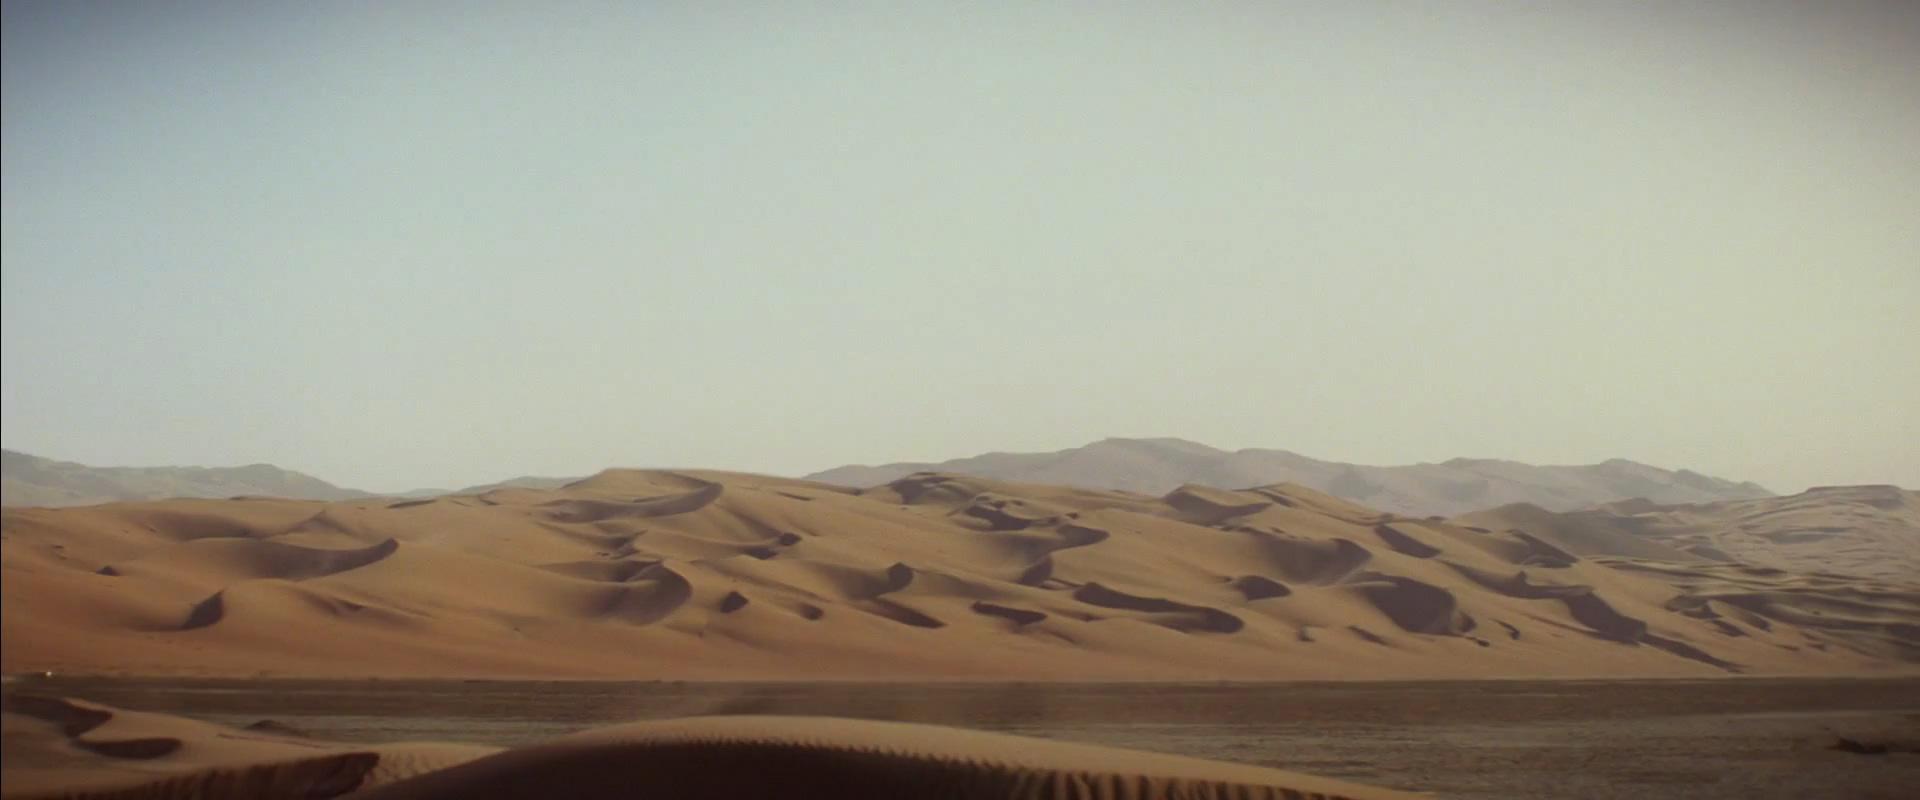 Introducing a new dessert planet namedJakku.Rey ( Daisy Ridley ) on a speeder.